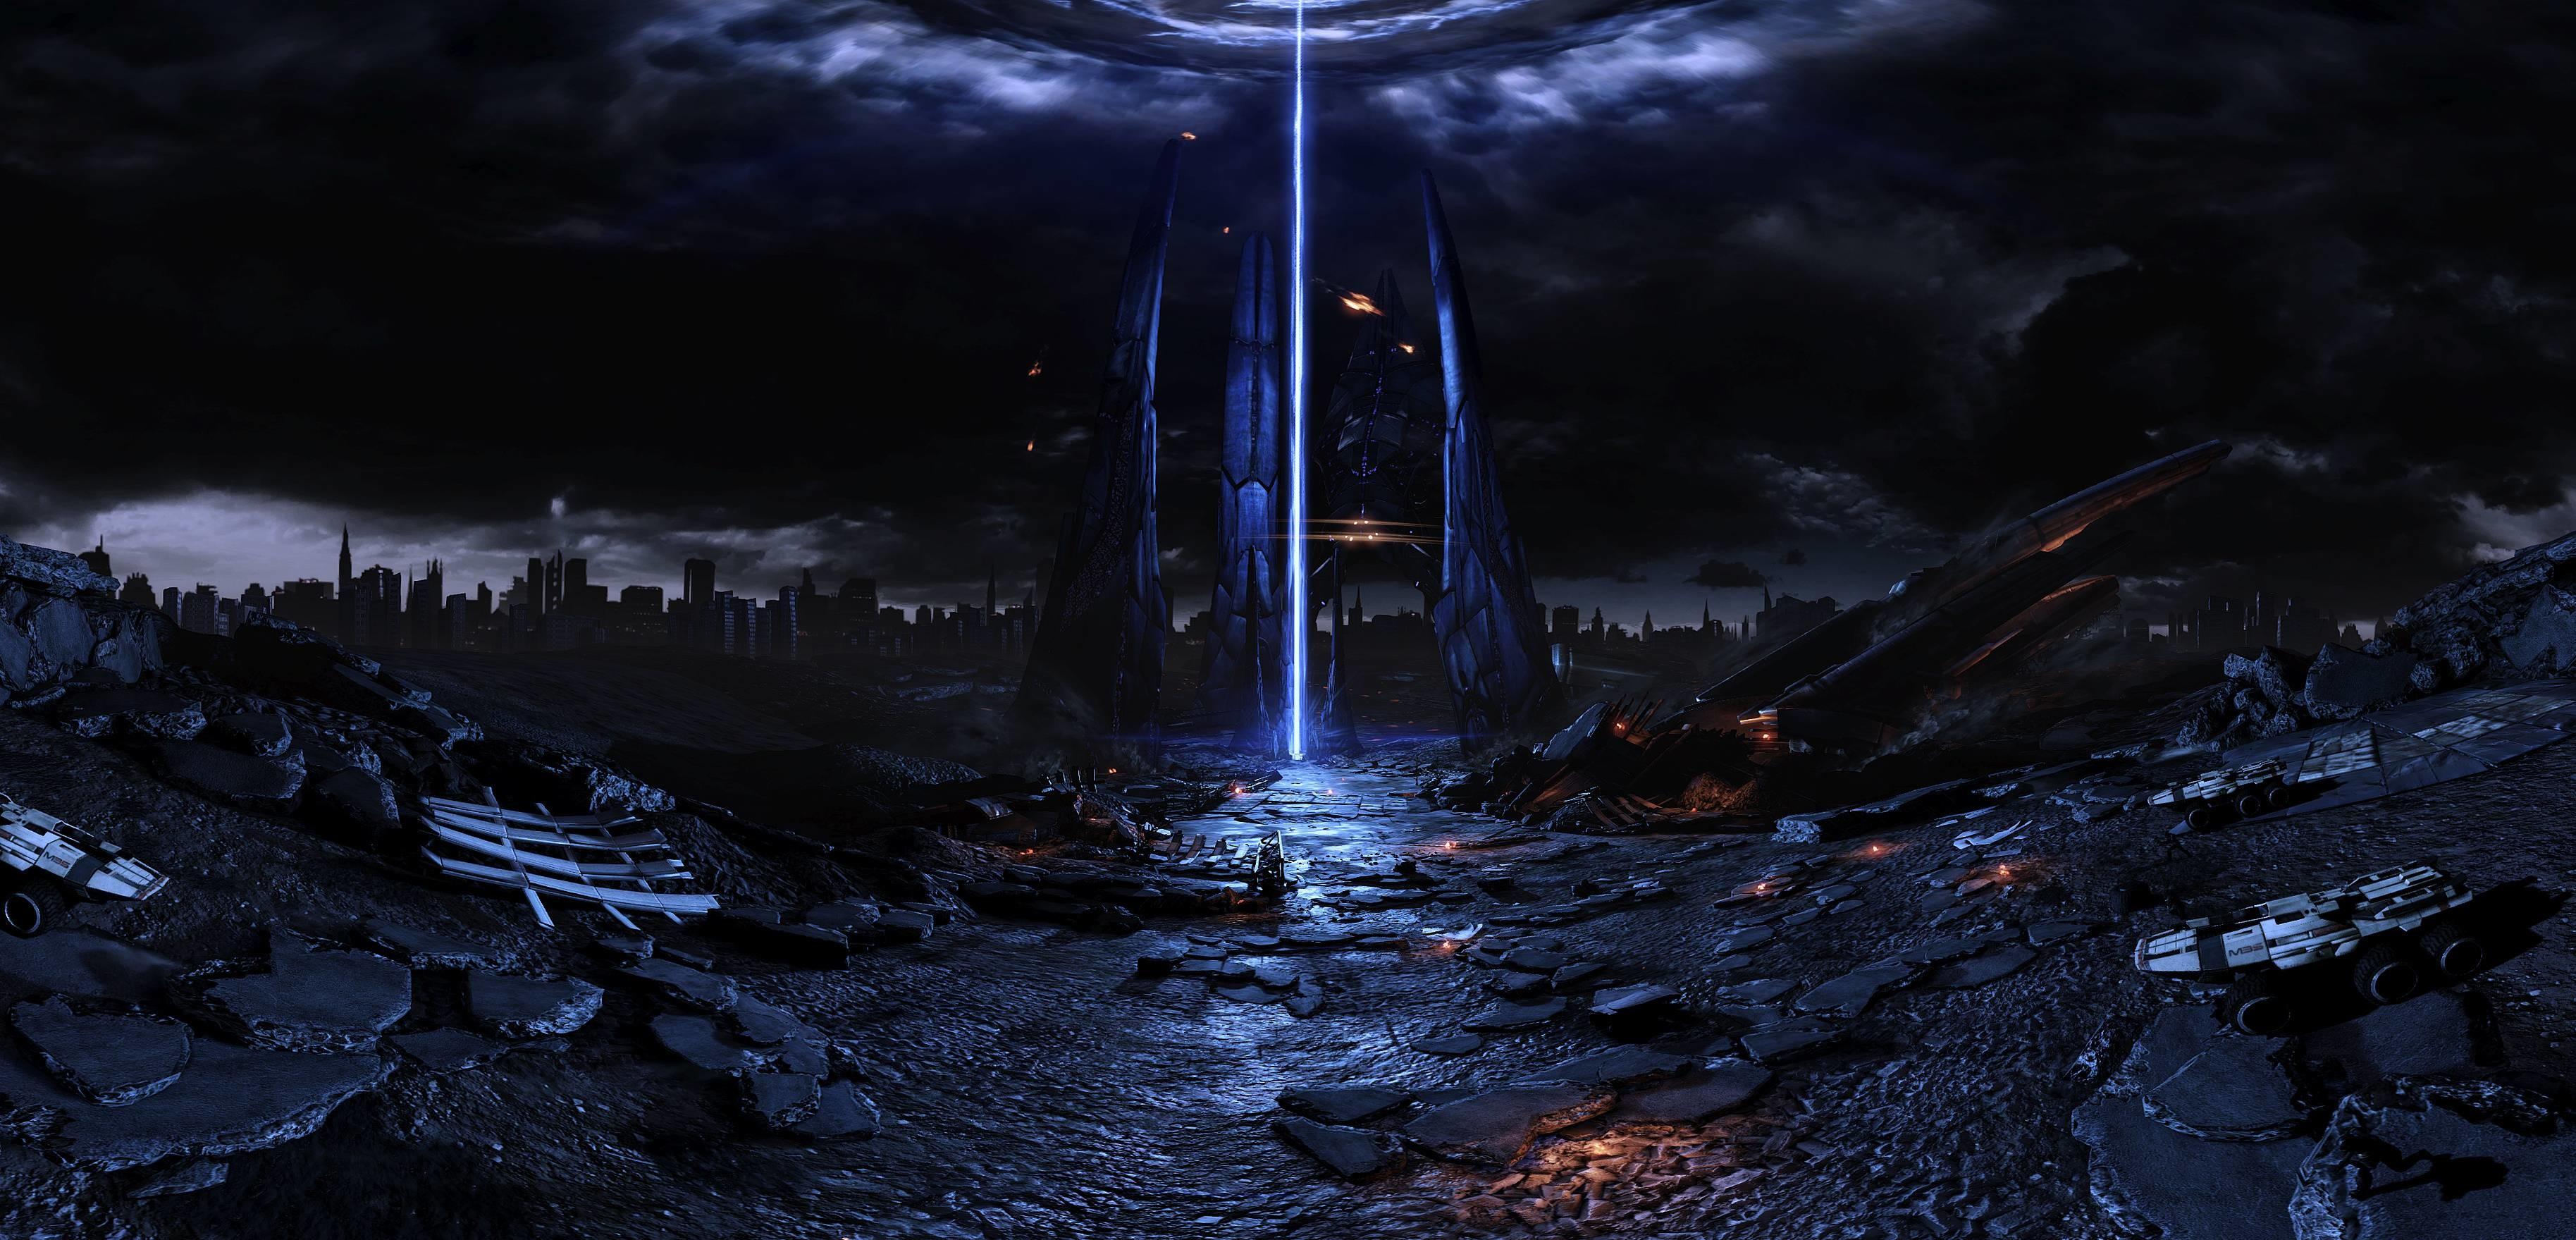 Mass Effect 3 Wallpaper 1080p 83 Images